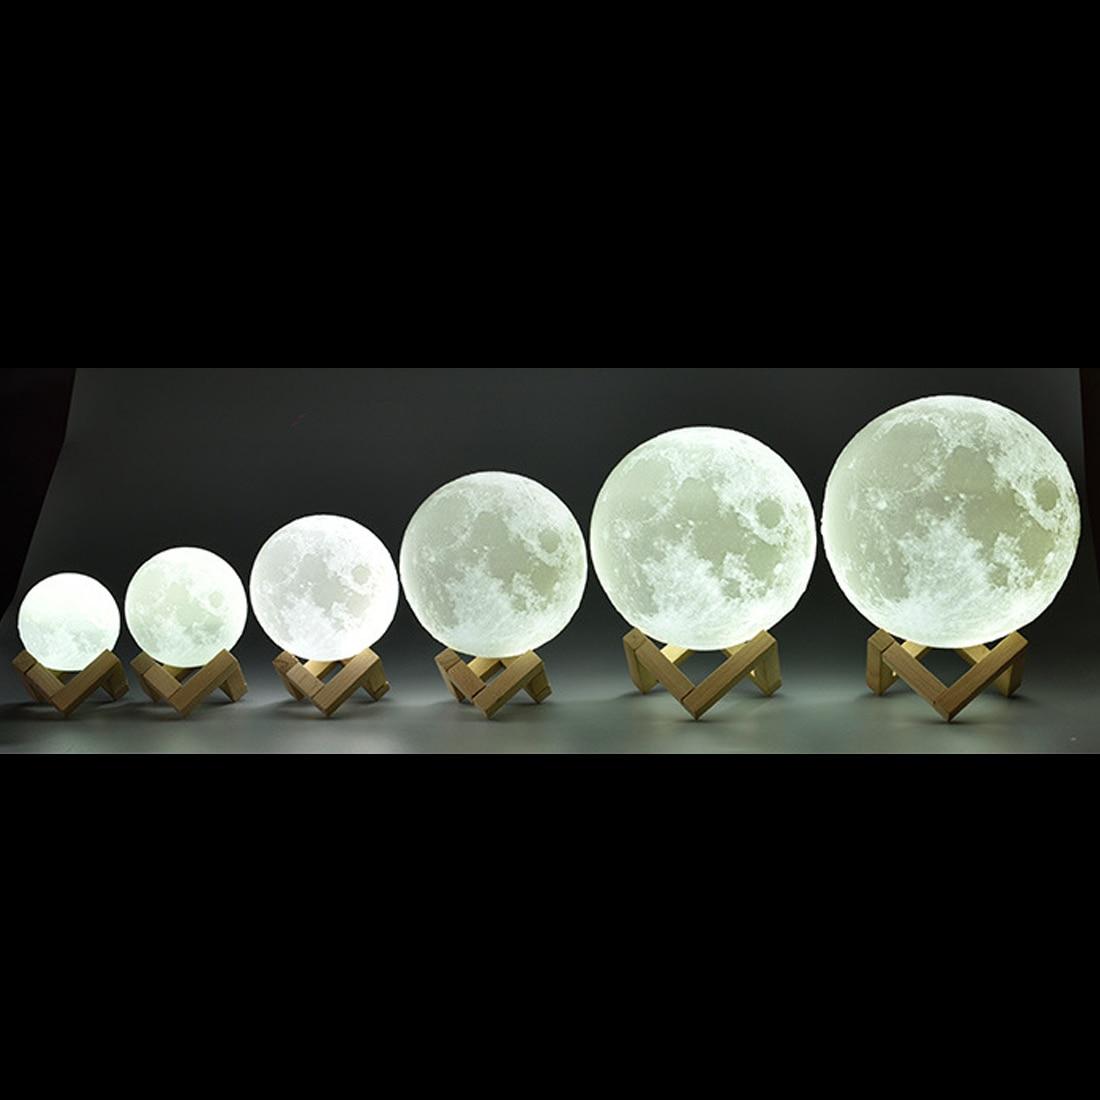 Ricaricabile Lampada Luna 2 Cambiamento di Colore 3D Tocco Leggero Interruttore 3D Lampada di Stampa Luna Camera Da Letto Libreria Luce di Notte Regali Creativi